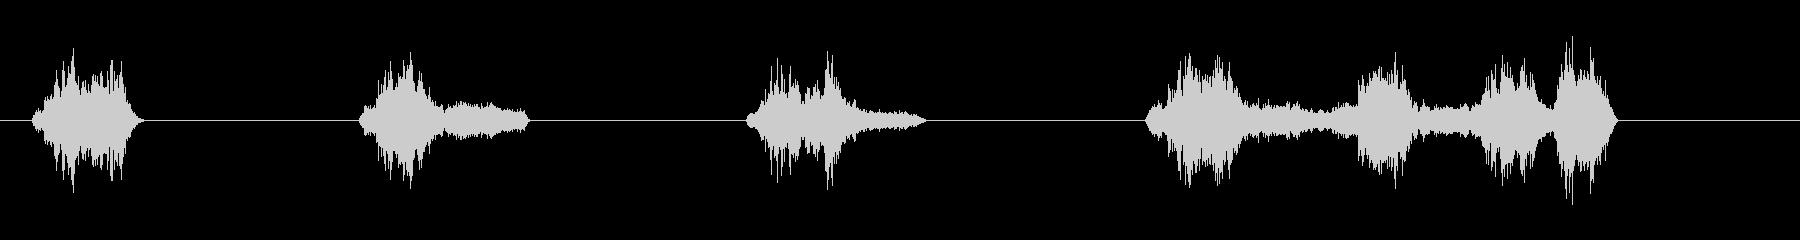 サーボ2 3の未再生の波形